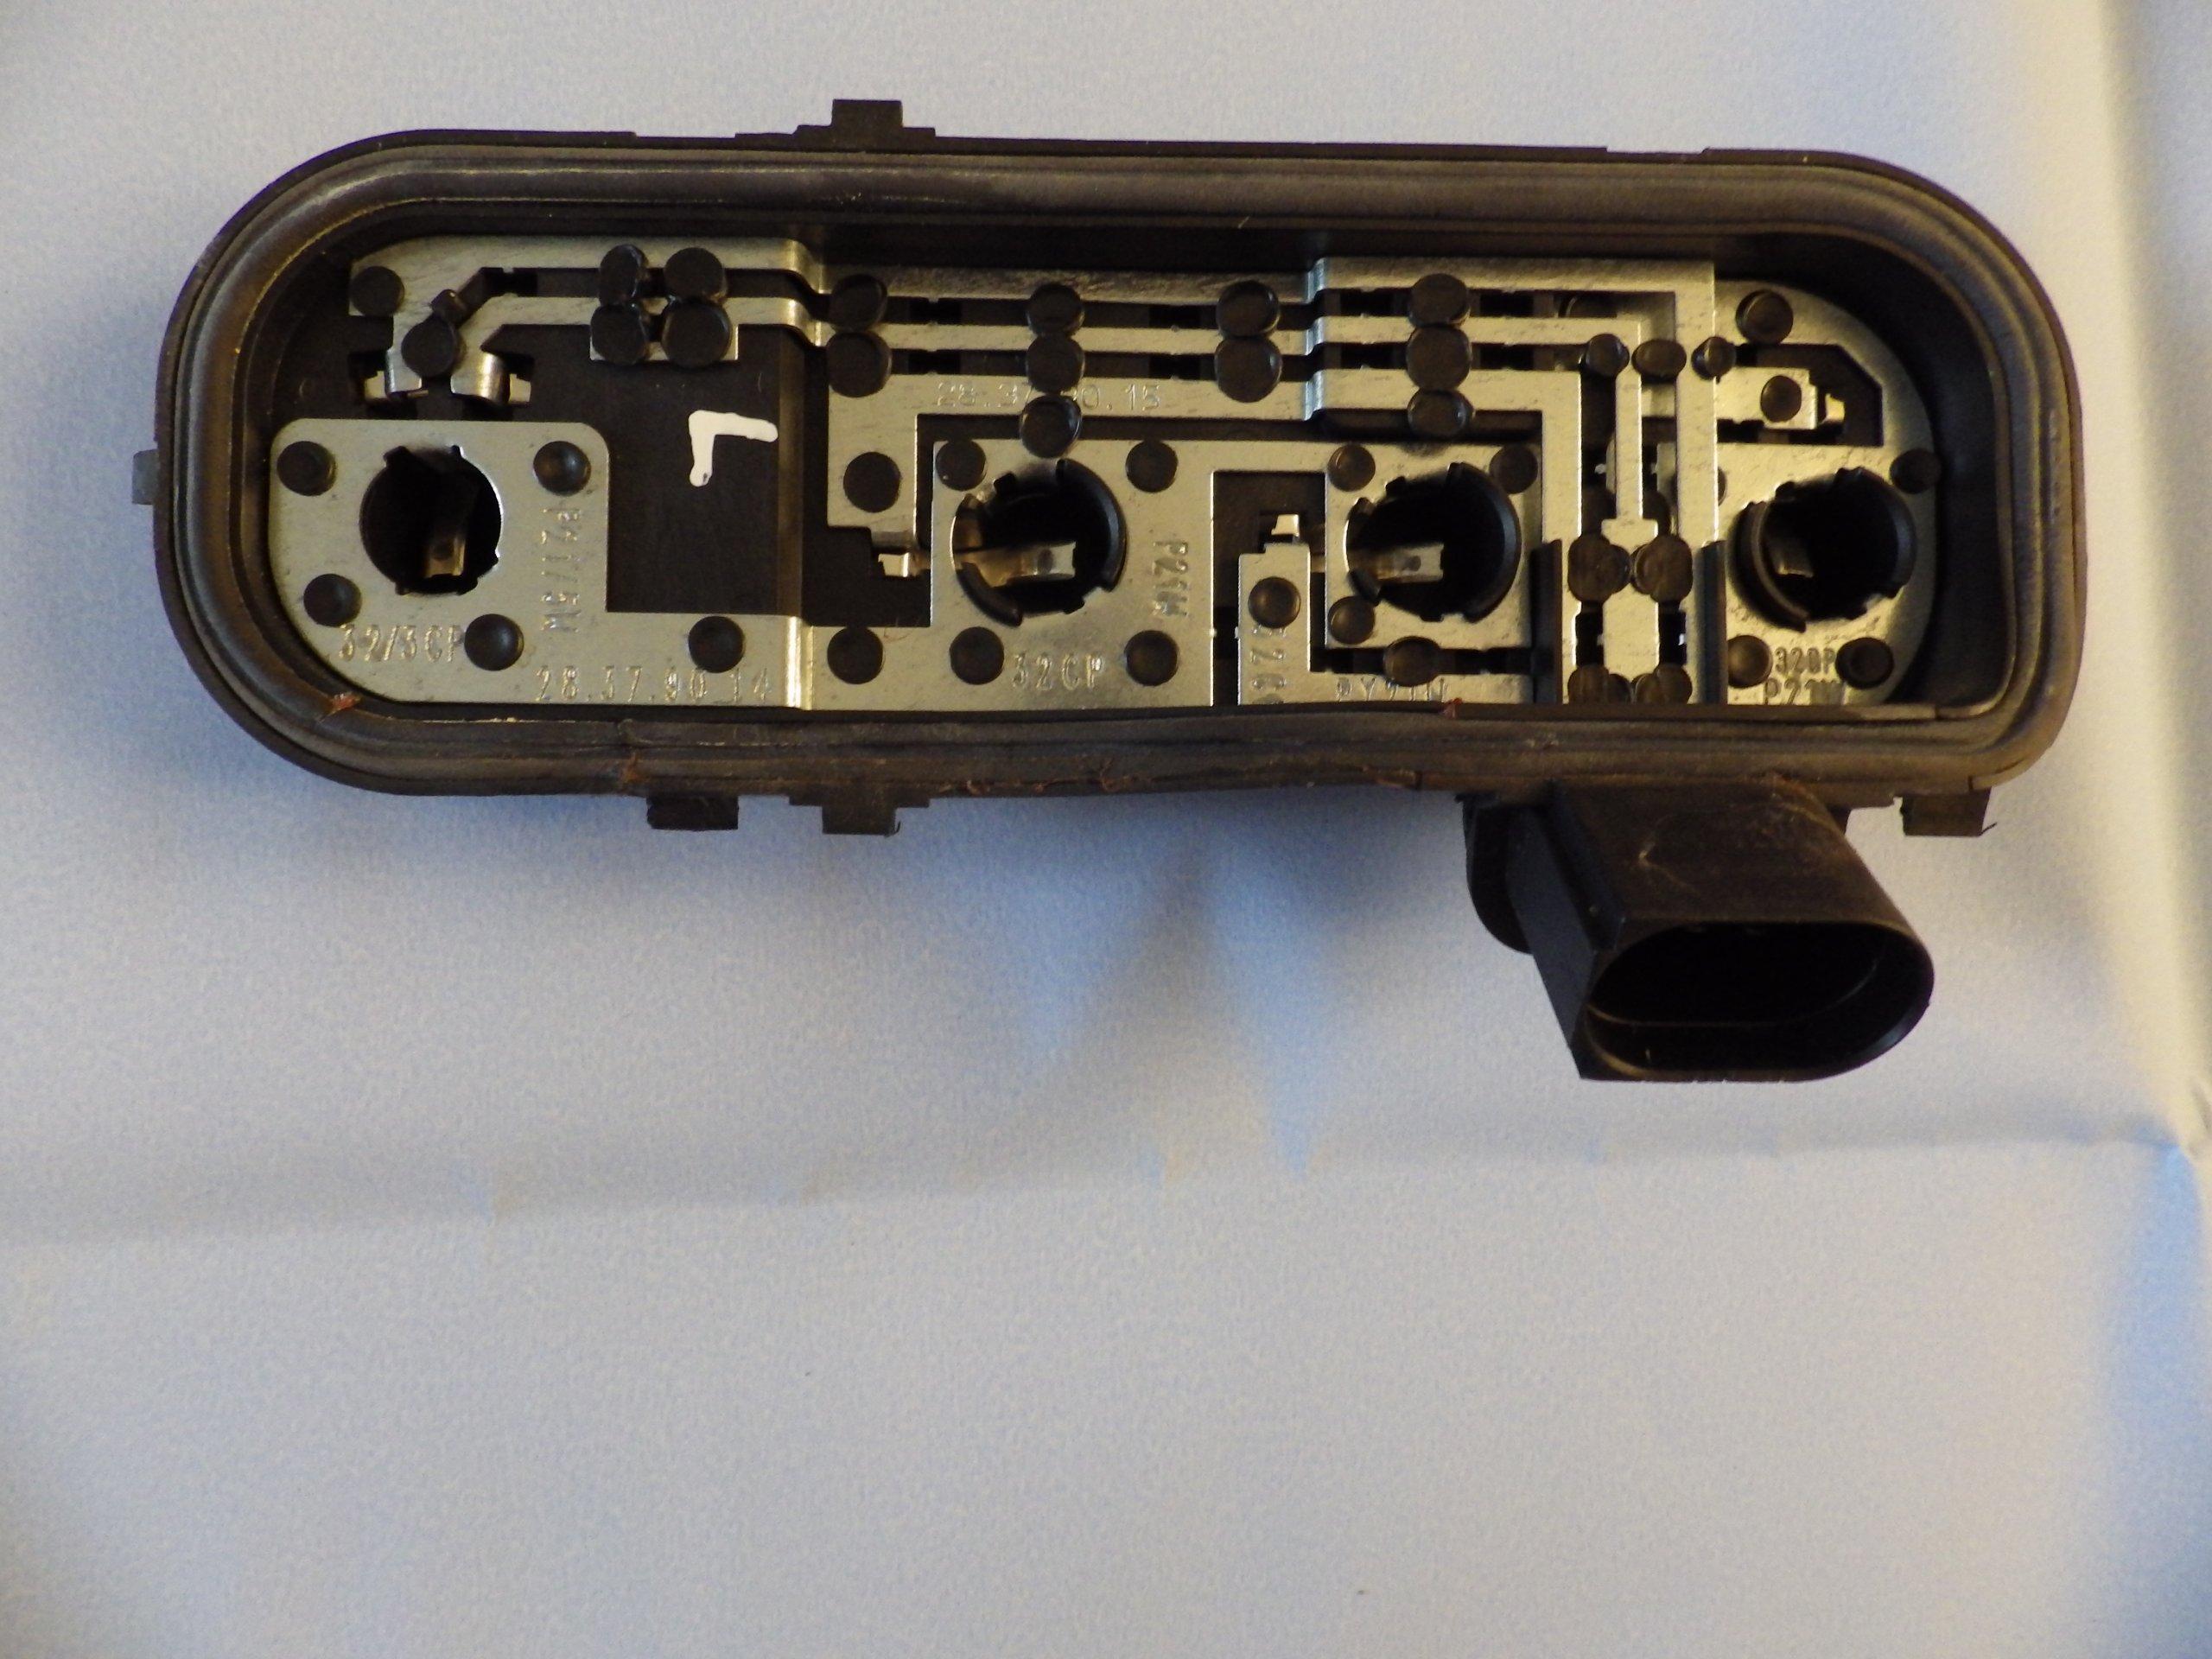 Wkład Lampy Lewy Tył Tylny Audi A4 B6 Avant Kombi 7193608562